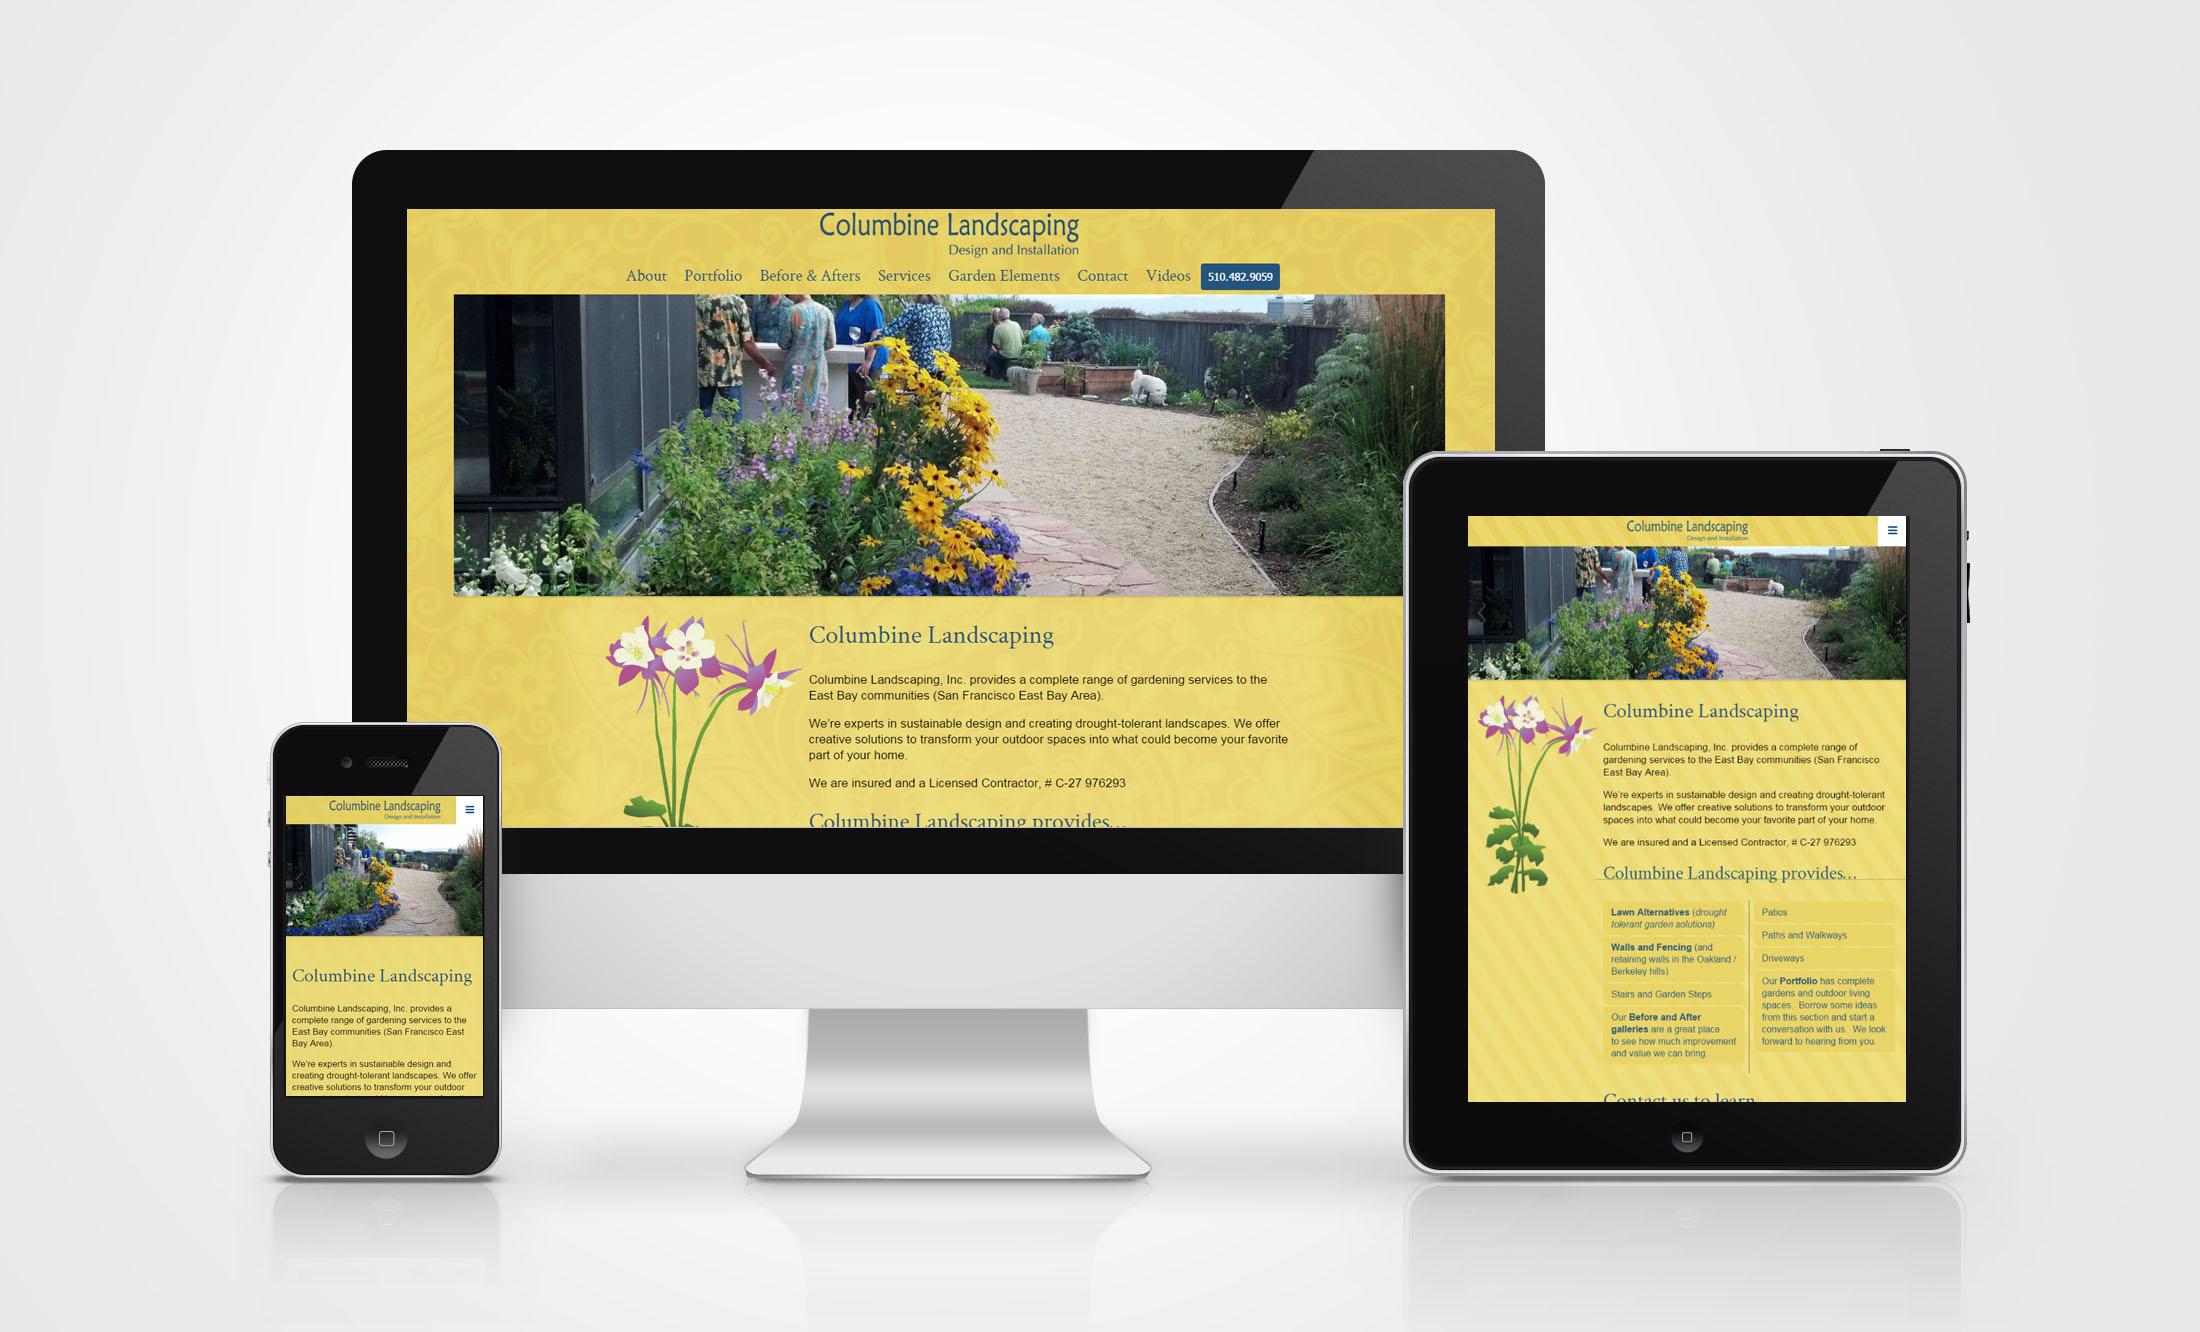 Landscape Design Contractor Websites Ecarbonated Branding